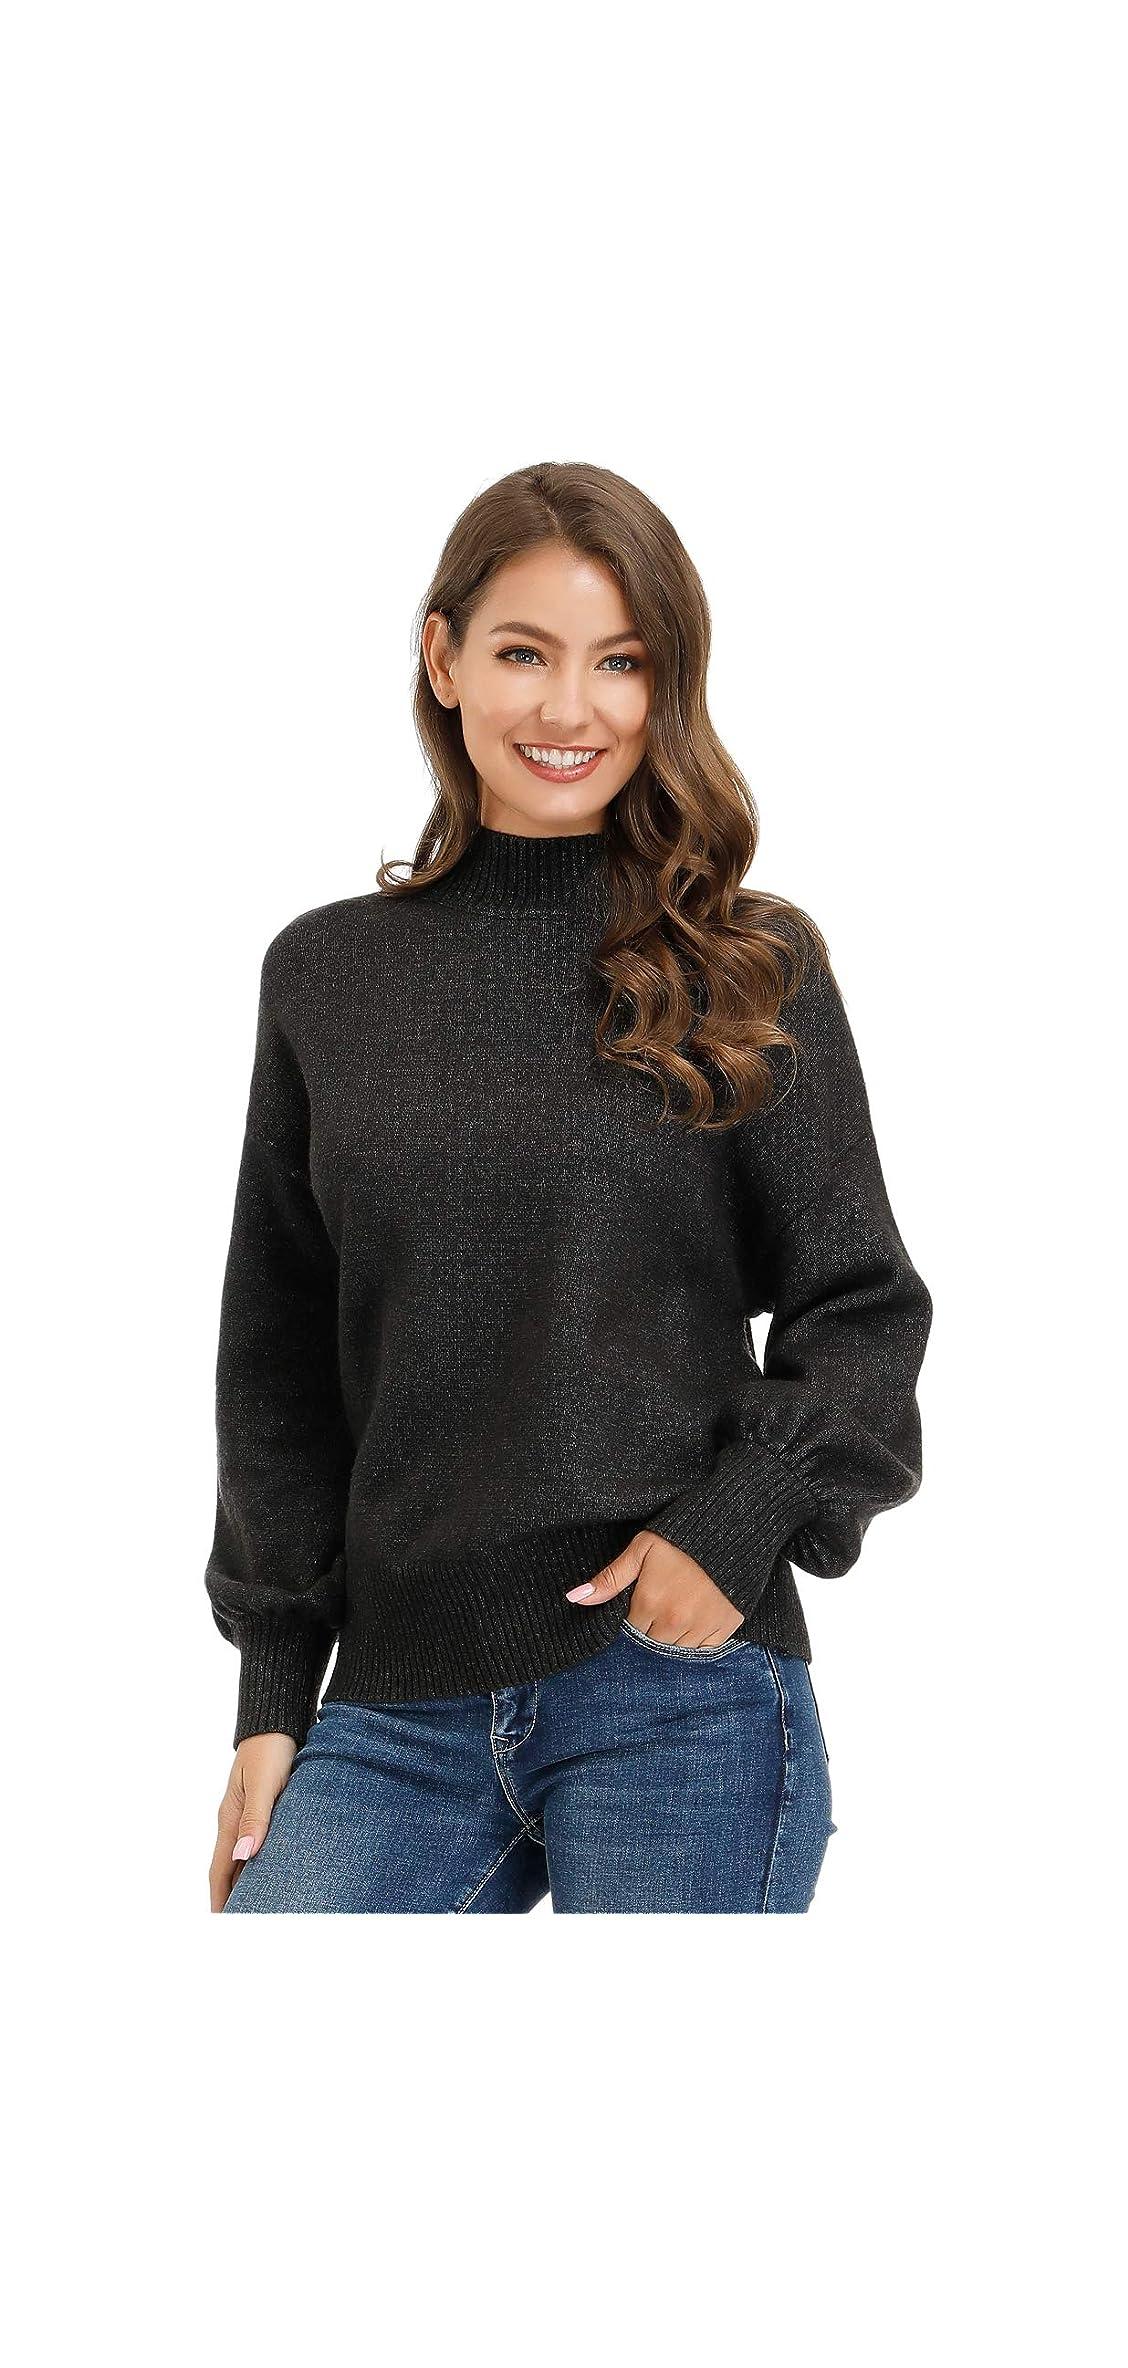 Women's Mock Sweater Knit Dropped Shoulder Lantern